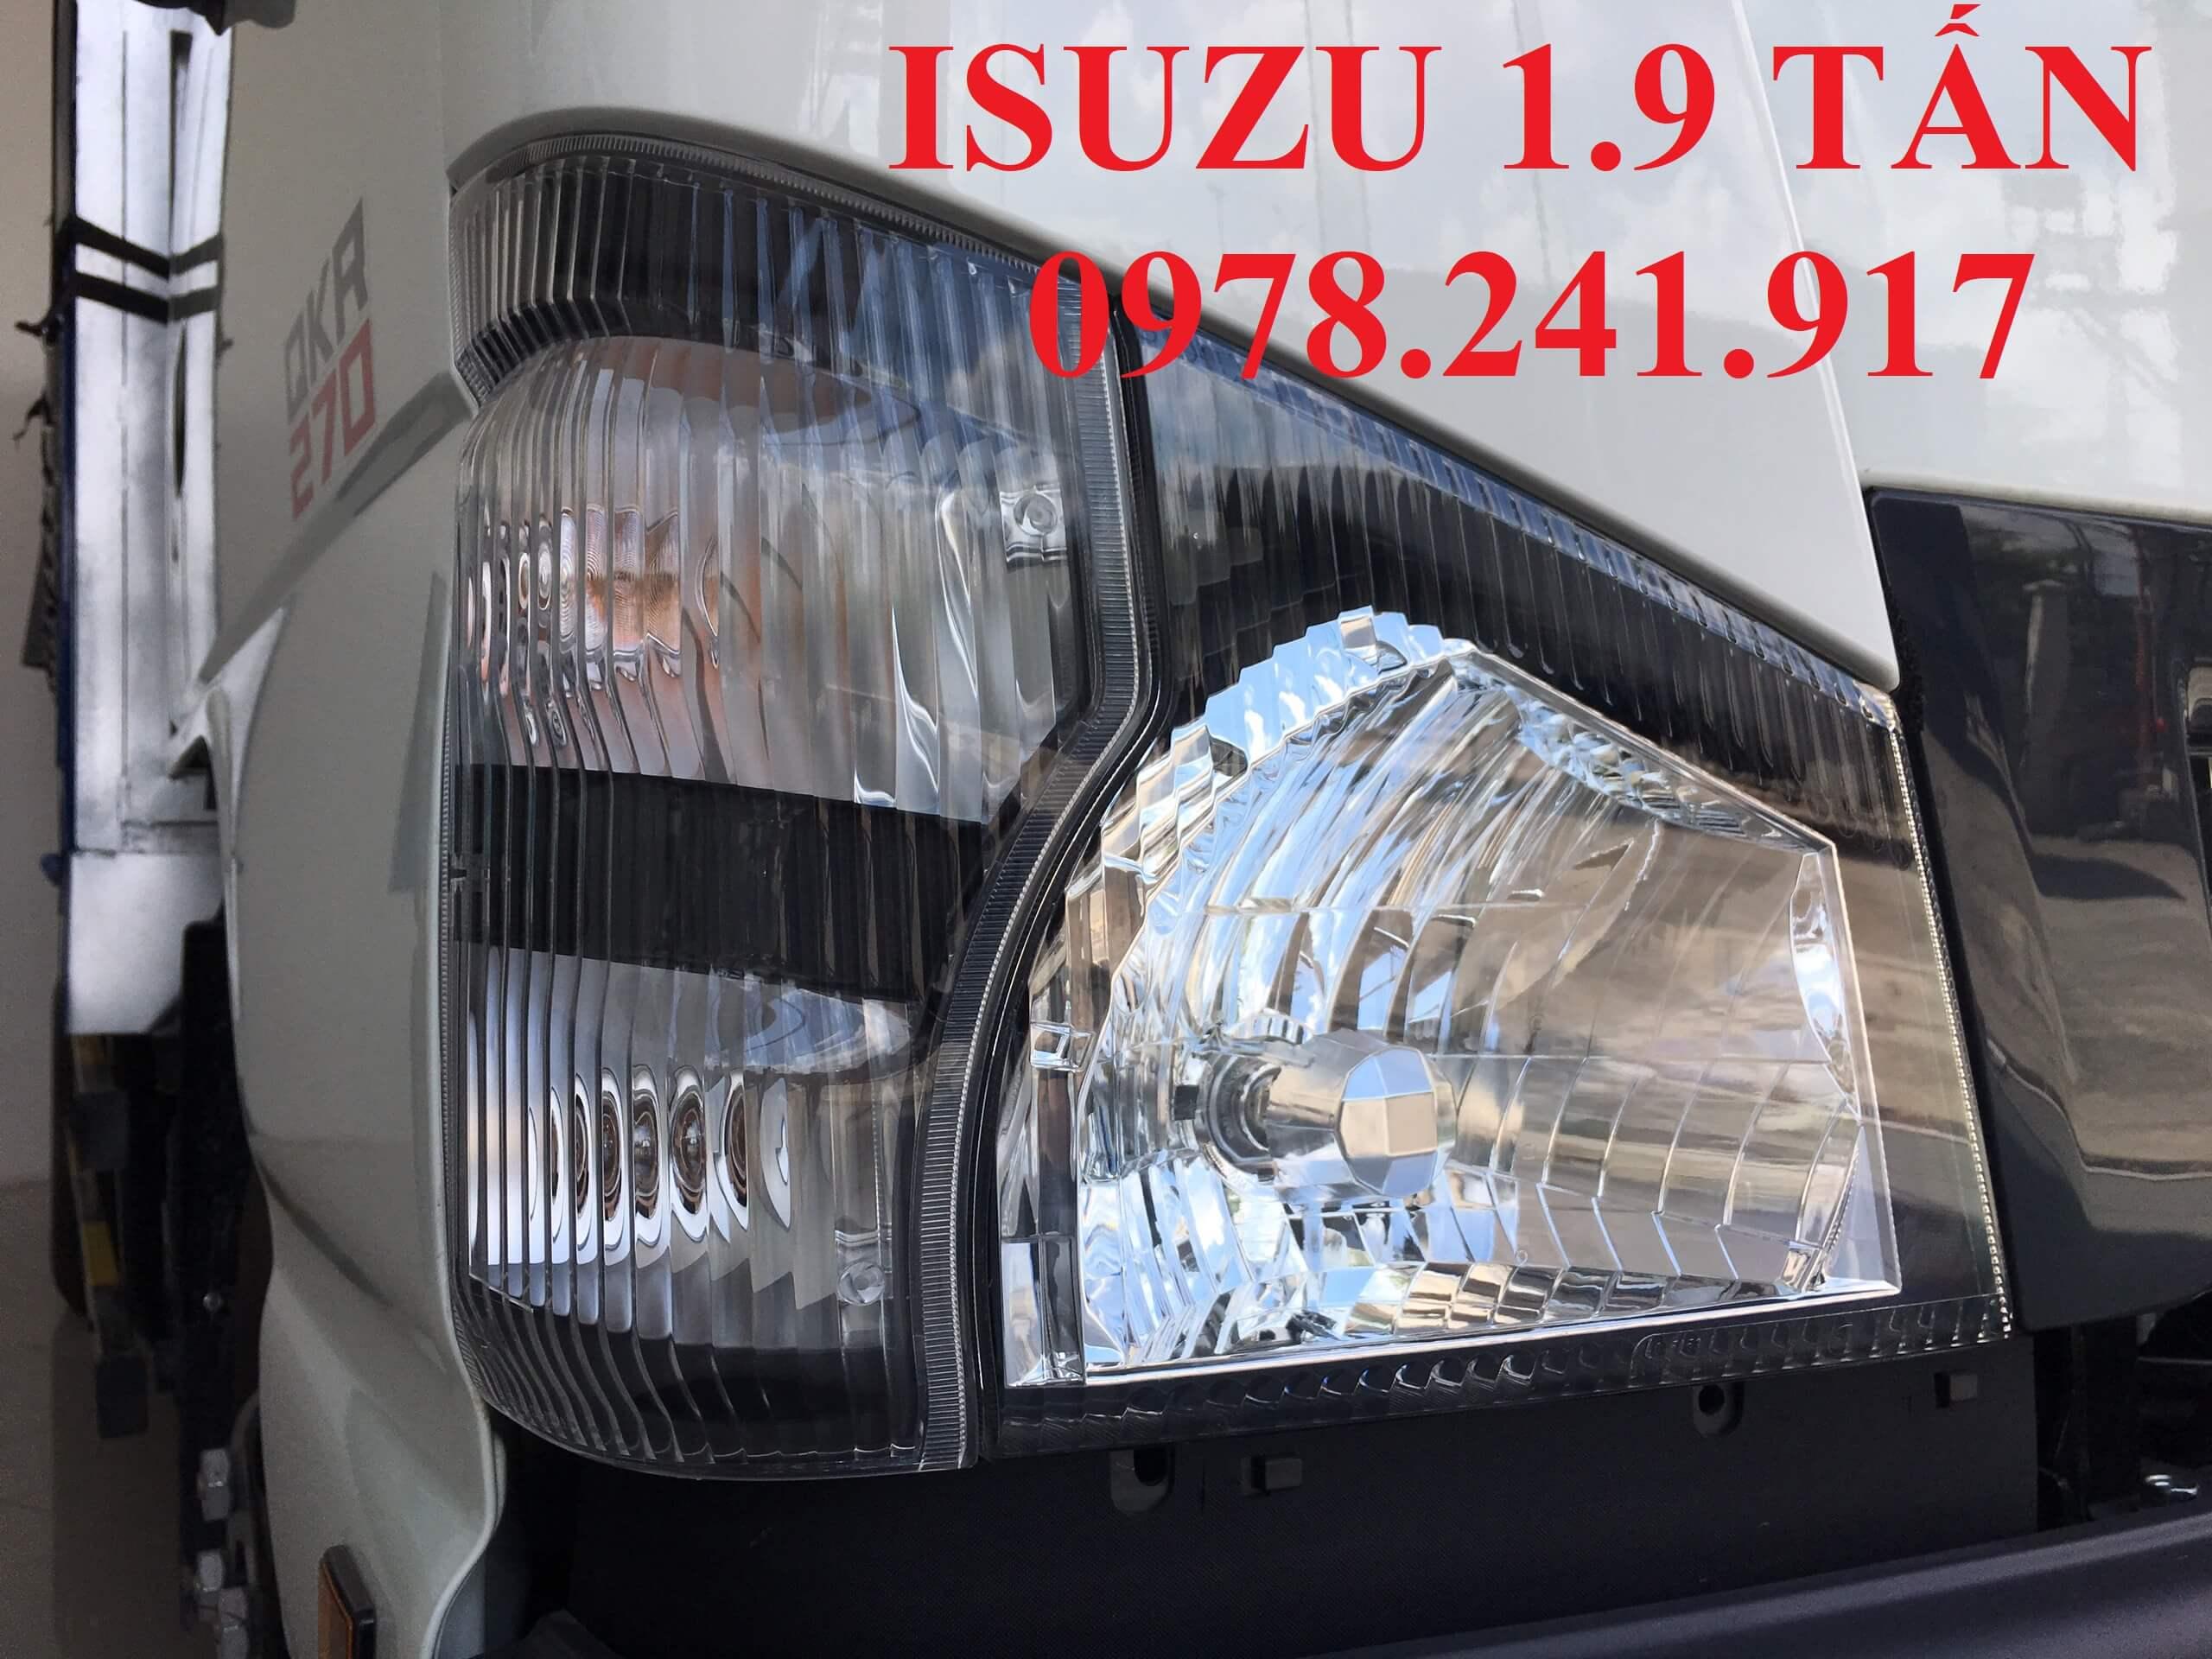 xe tải isuzu 1.9 tấn cụm đèn pha